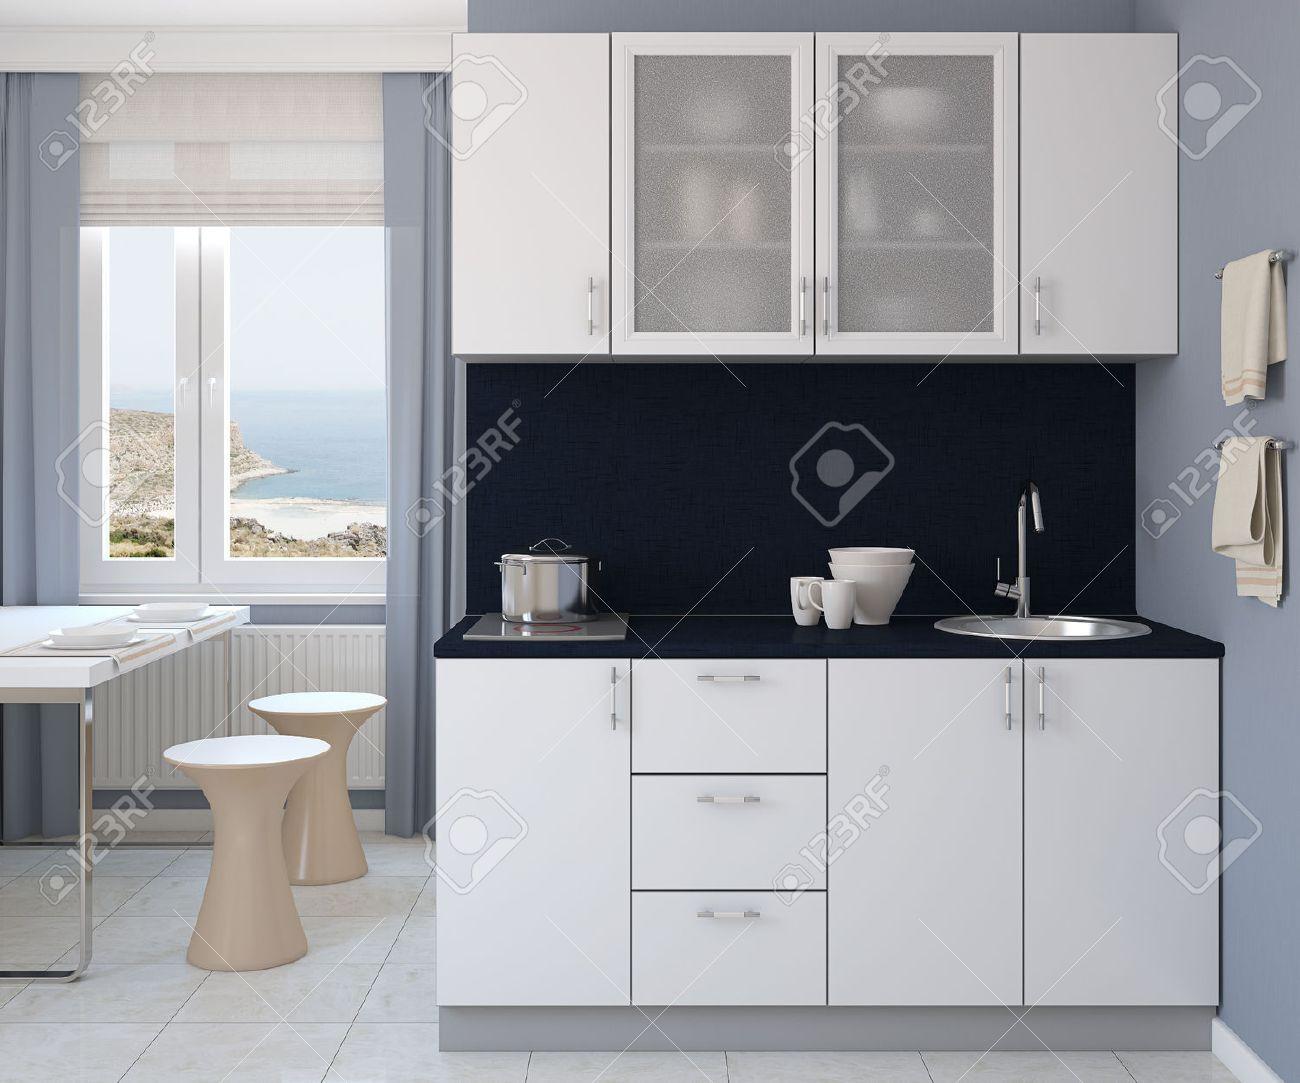 Petite Cuisine Moderne Blanc. 3d Render. Photo Derrière La Fenêtre A ...